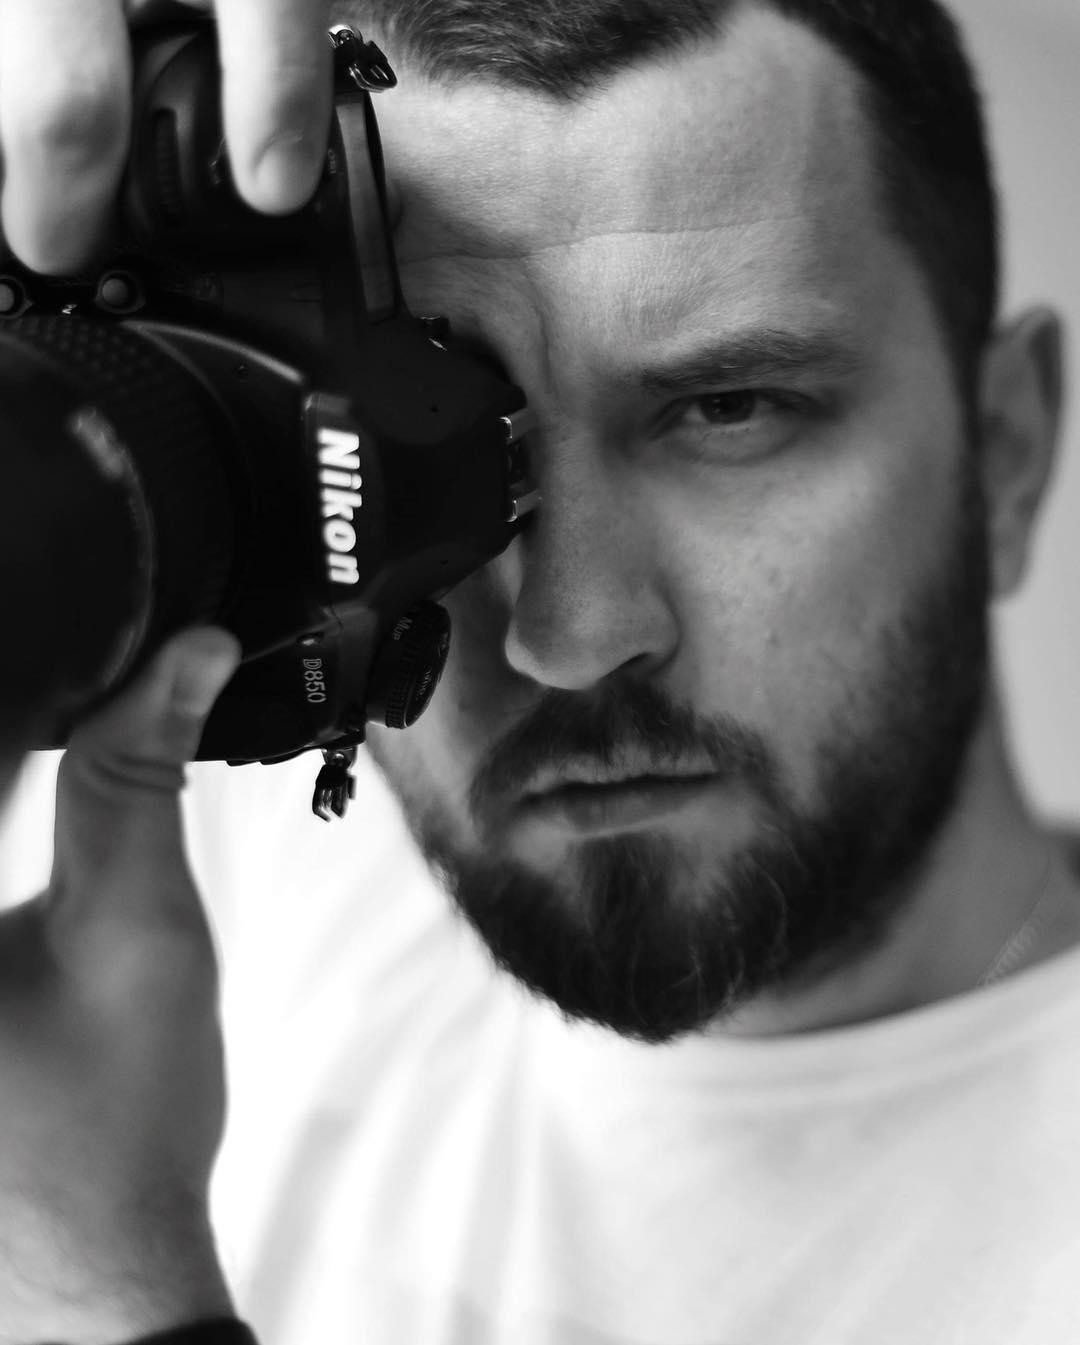 Як відомий франківський митець допомагає людям полюбити себе за допомогою фототерапії (ФОТО)